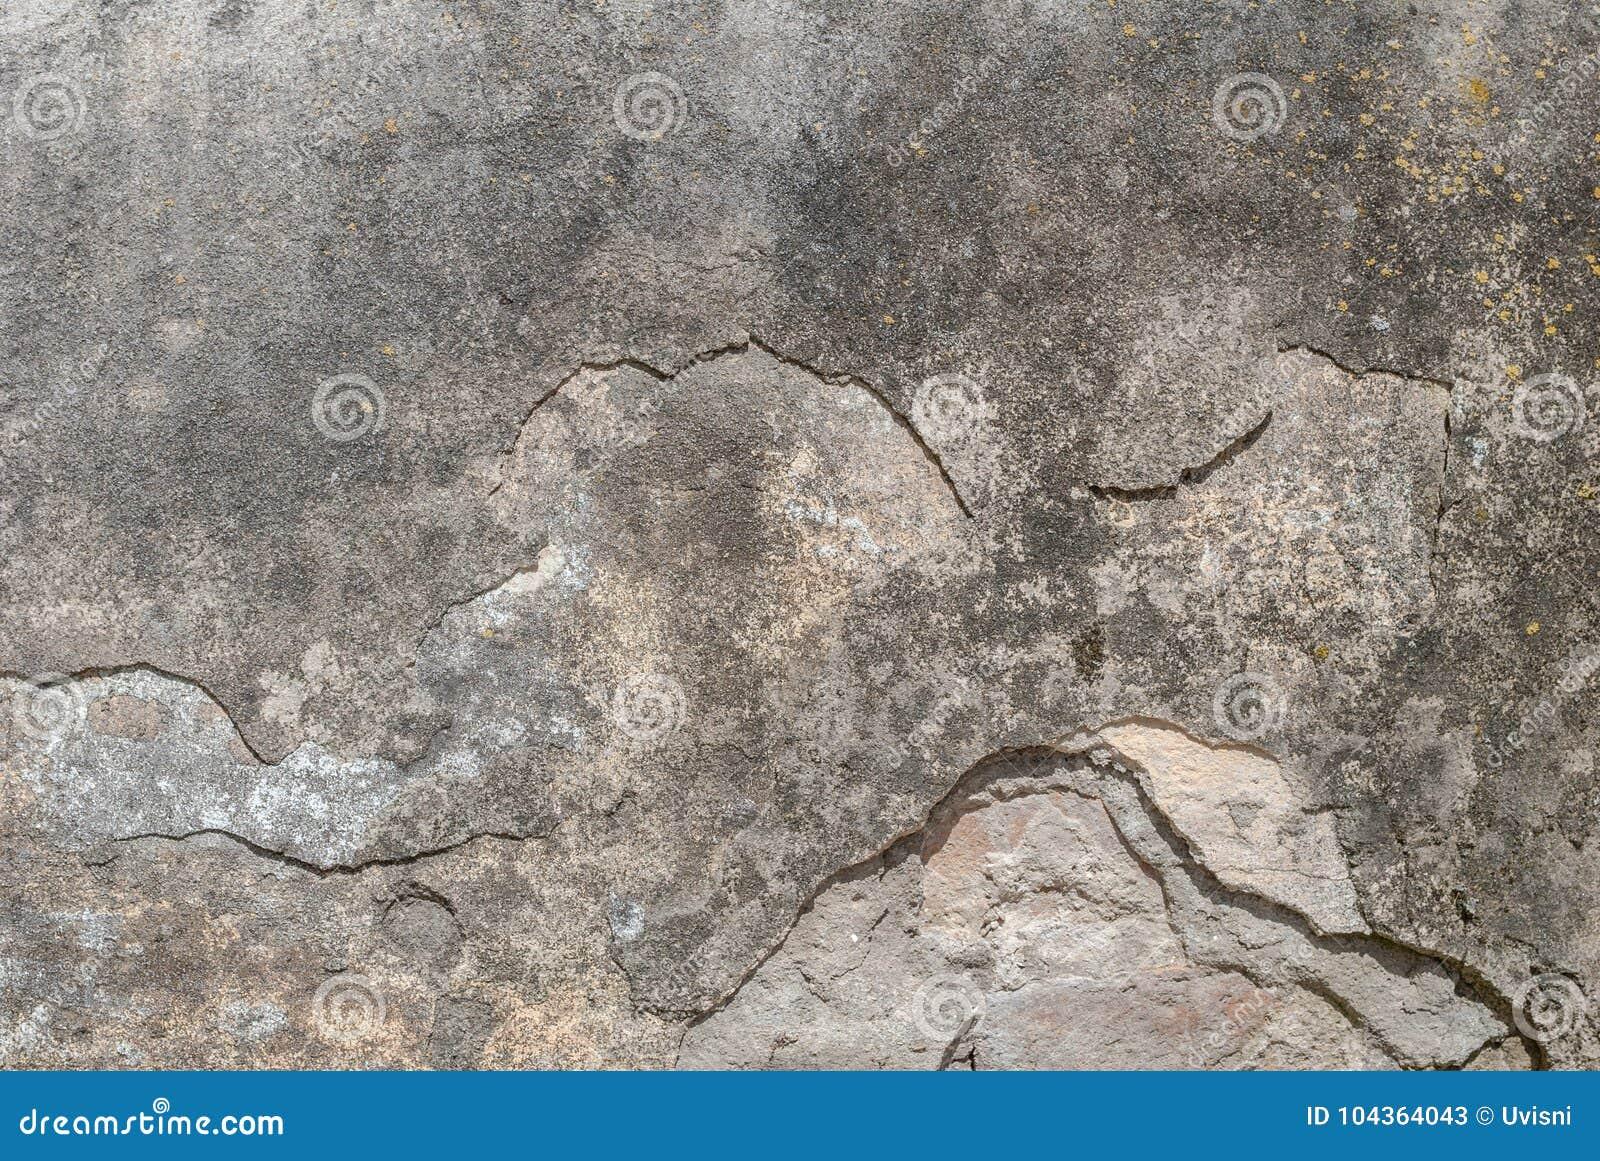 Stary odłupany tynk na betonowej ścianie, szara tekstura, tło